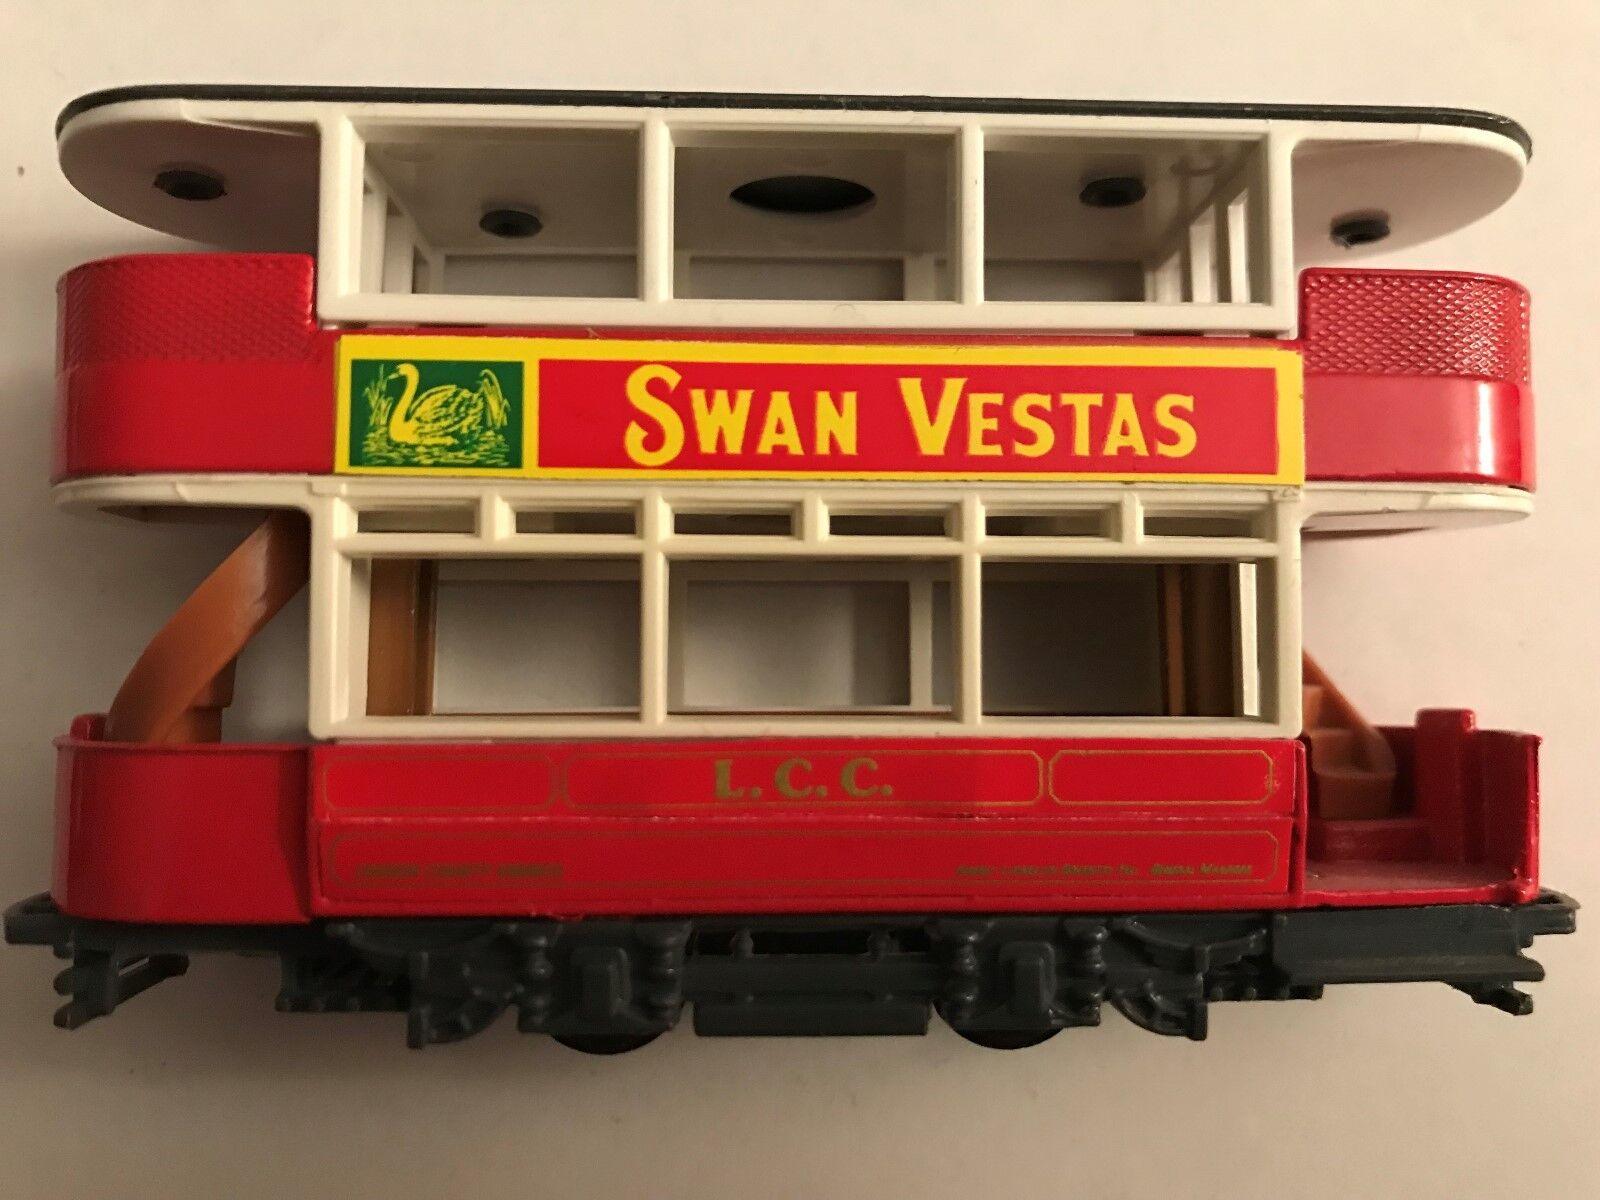 Selten, yy-15 straßenbahn  schwan vesta  lcc, london countu  - schriftzug, moy, der profi, keine kiste